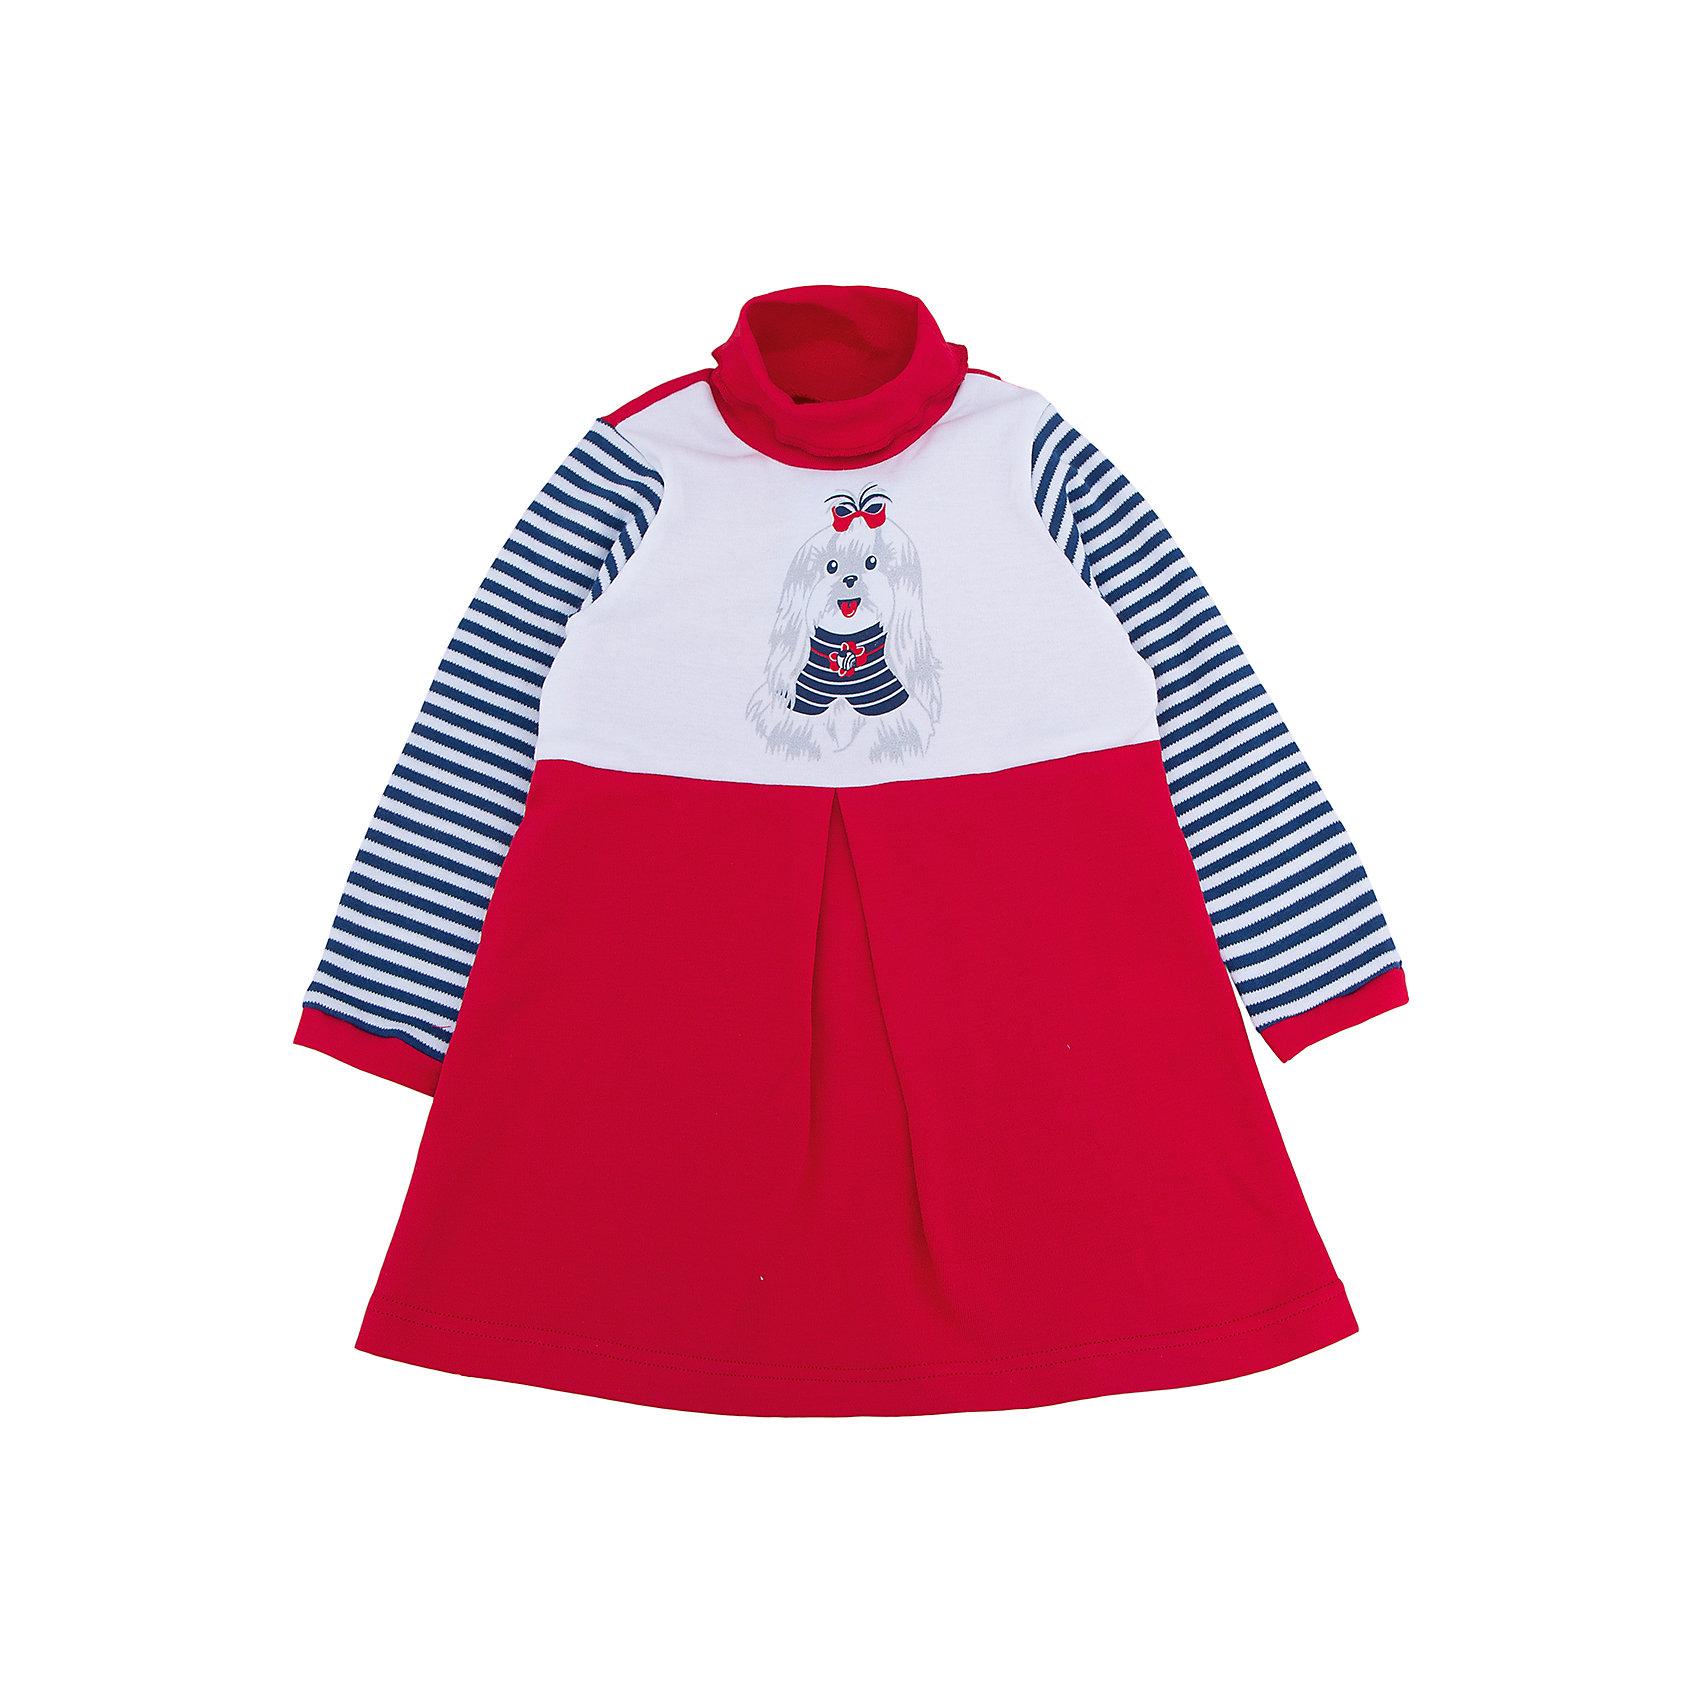 Платье для девочки АпрельПлатье для девочки от известного бренда Апрель.<br>Стильное платьишко из мягкого хлопка. Приятное на ощупь, не сковывает движения, обеспечивая наибольший комфорт. Изделие с длинными рукавами и воротником-стоечкой, декорировано дизайнерским принтом в виде милой собачки. Отличный вариант для маленькой модницы на каждый день! Рекомендуется деликатная машинная стирка без предварительного замачивания.<br>Состав:<br>хлопок 100%<br><br>Ширина мм: 236<br>Глубина мм: 16<br>Высота мм: 184<br>Вес г: 177<br>Цвет: разноцветный<br>Возраст от месяцев: 18<br>Возраст до месяцев: 24<br>Пол: Женский<br>Возраст: Детский<br>Размер: 92,116,110,104,98<br>SKU: 5006875